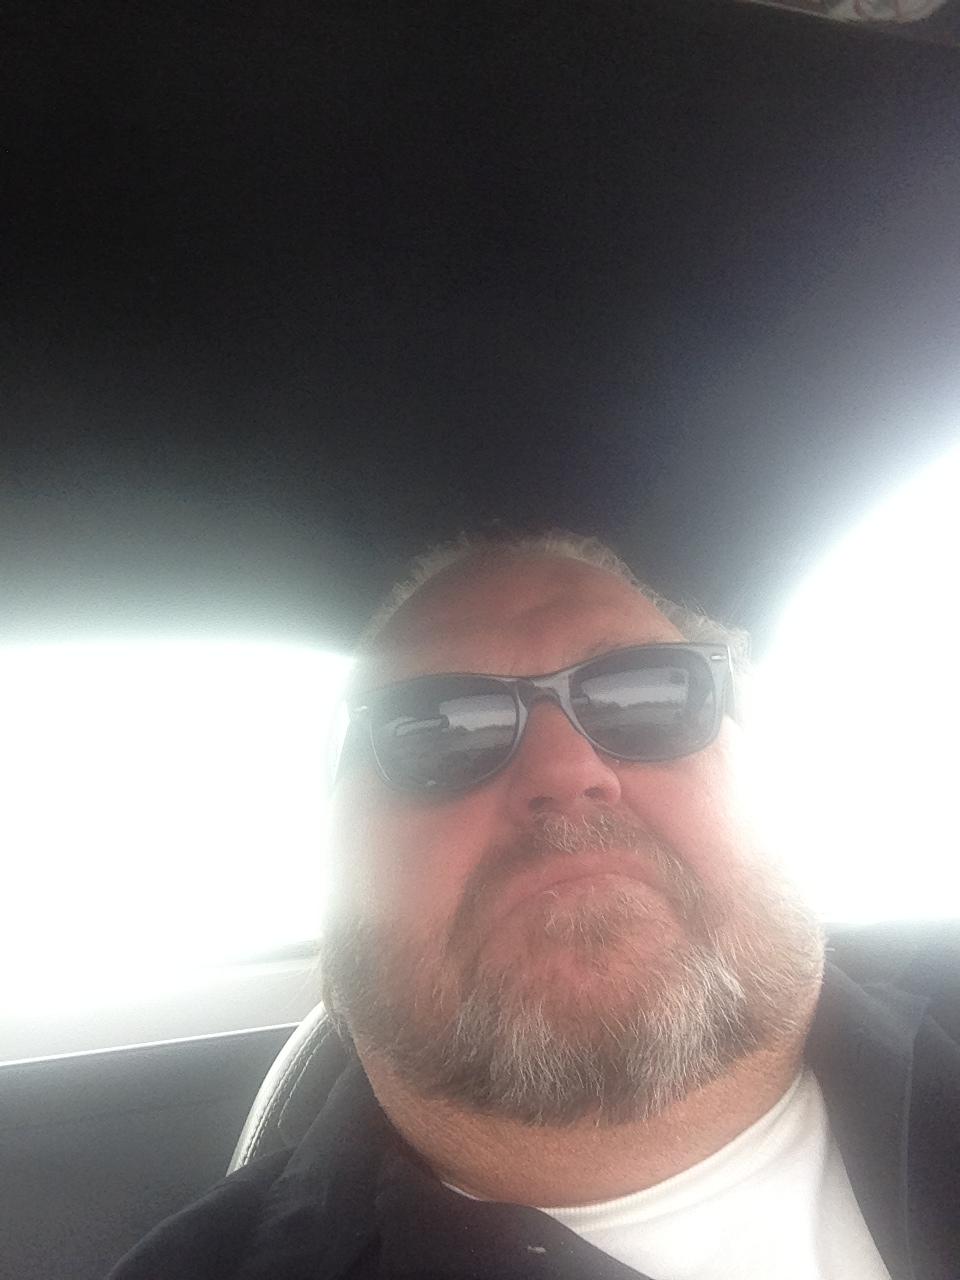 #bud selfie